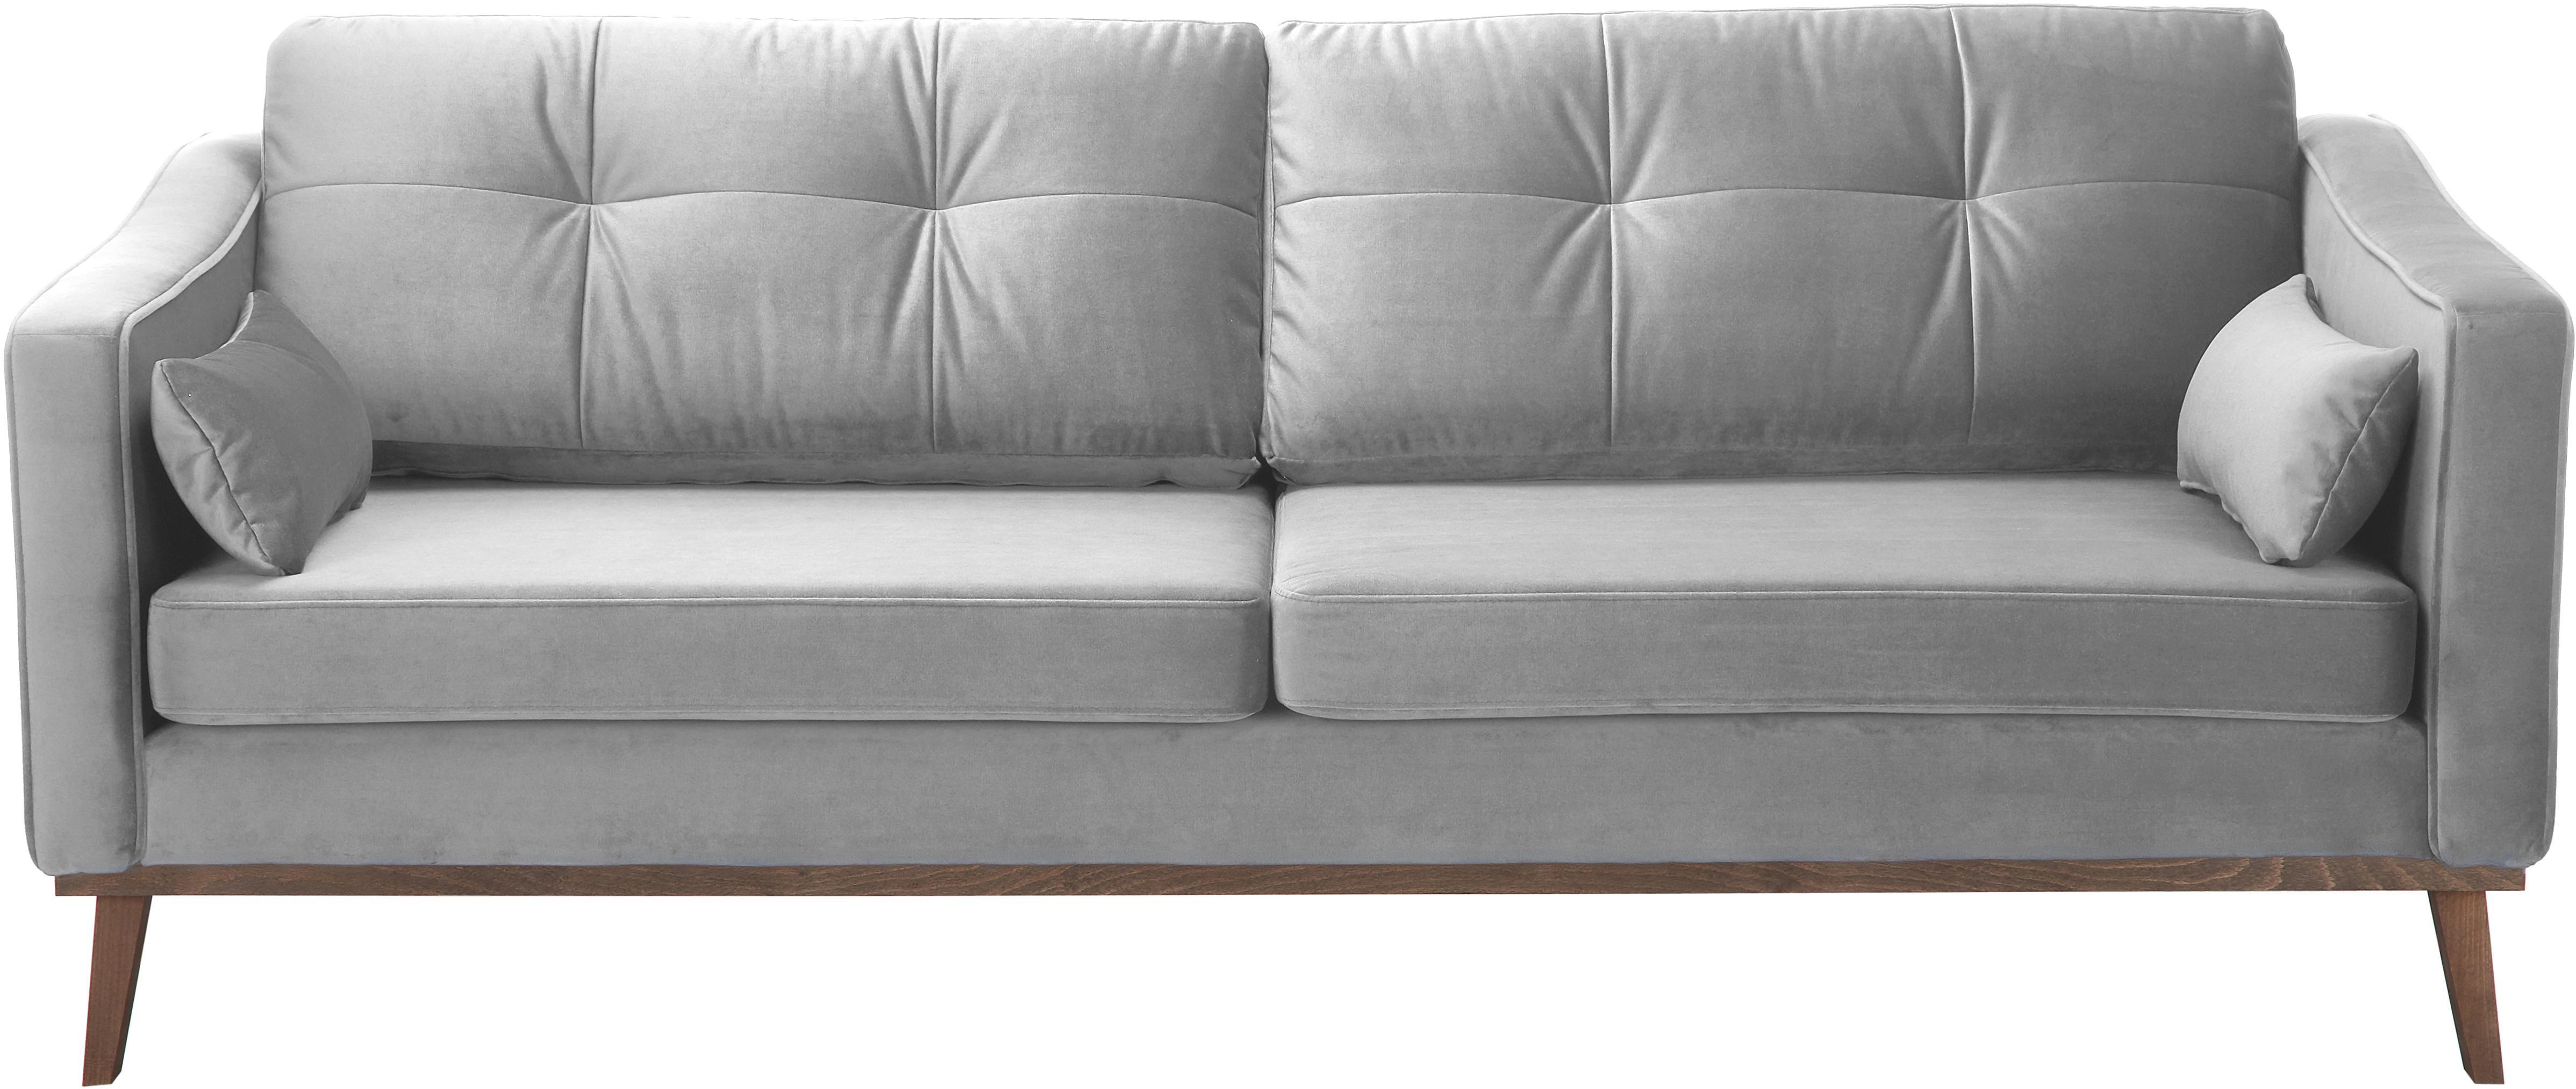 Sofá de terciopelo Alva (3plazas), Tapizado: terciopelo (poliéster de , Estructura: madera de pino maciza, Patas: madera de haya curtida, Terciopelo gris, An 215 x F 92 cm